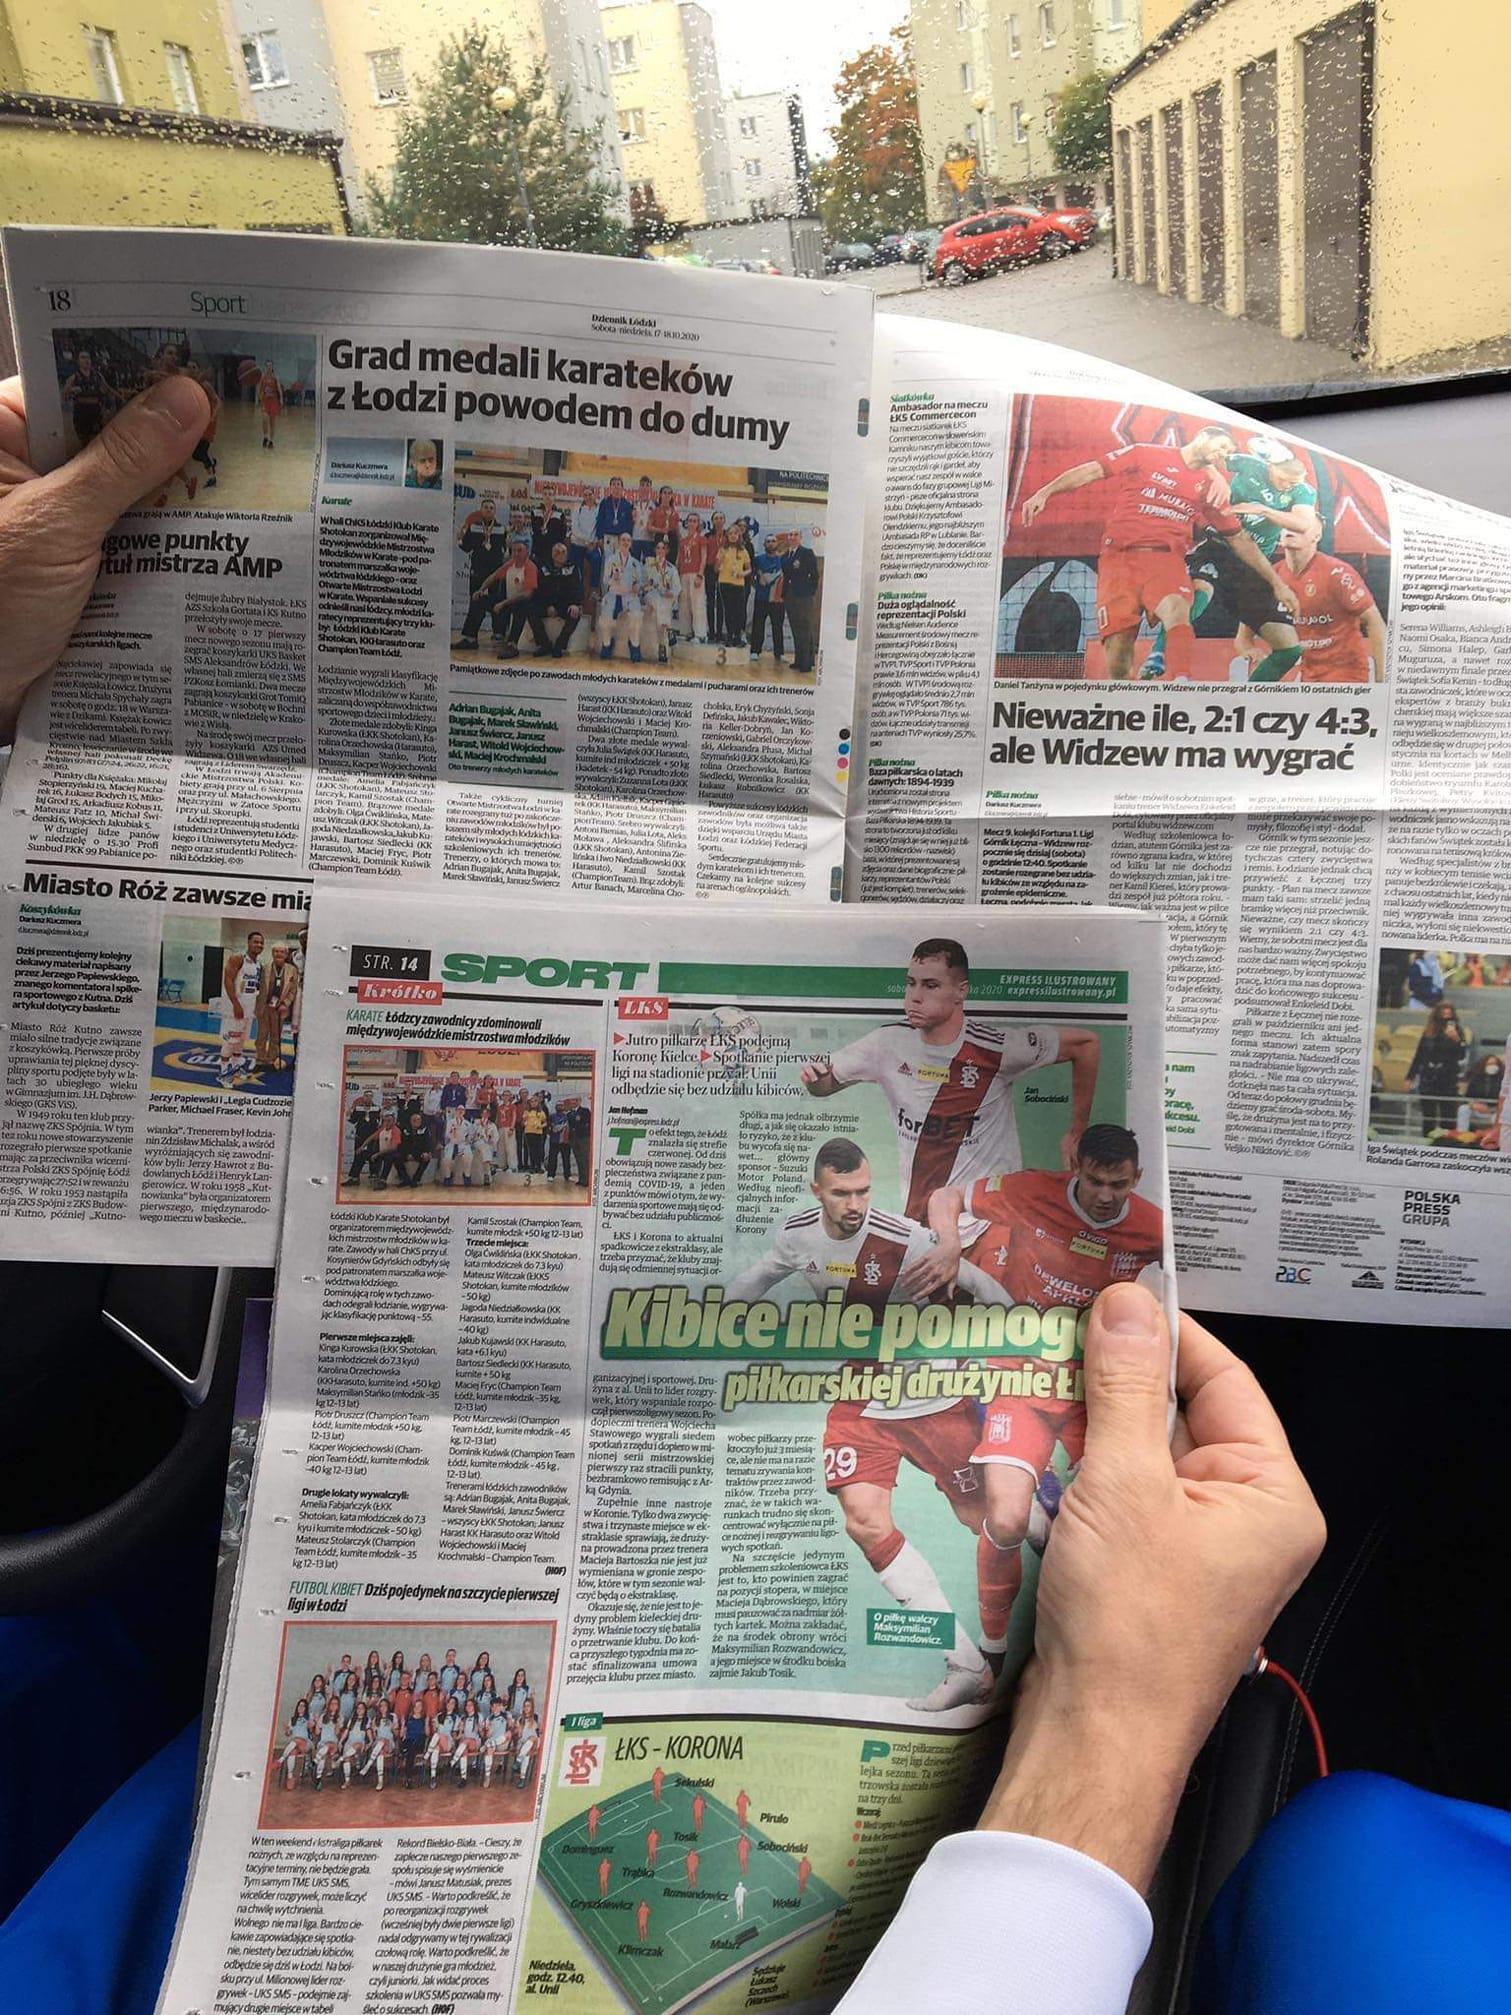 Artykuły w dwóch gazetach o zawodnikach naszego klubu Harasuto